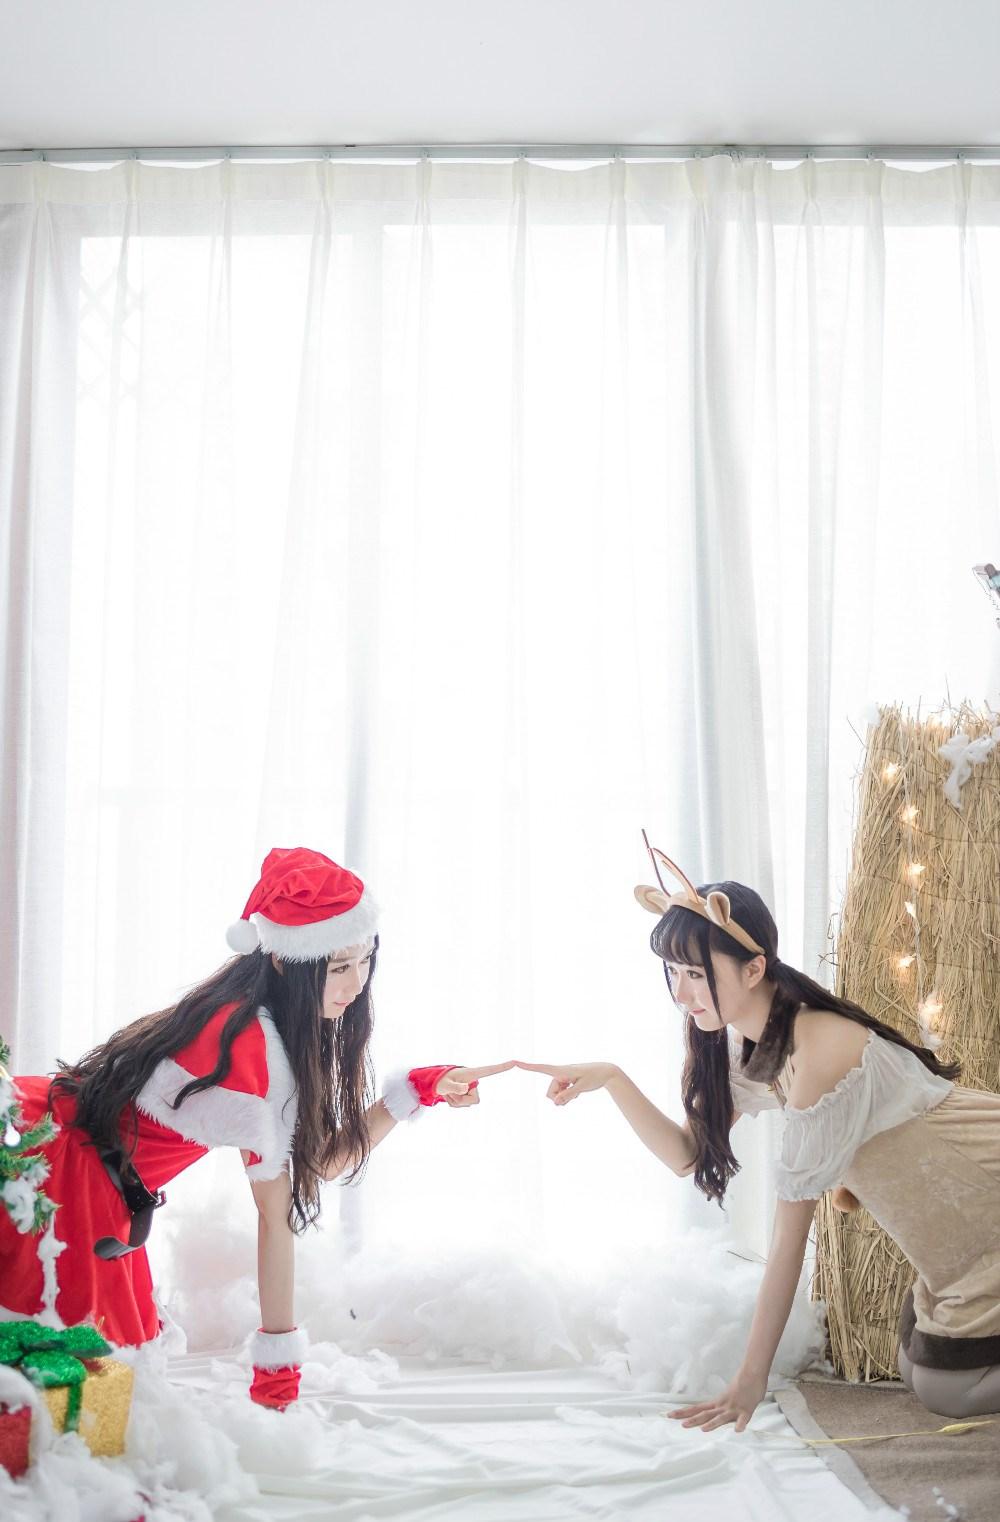 【兔玩映画】圣诞节的特别福利 兔玩映画 第23张